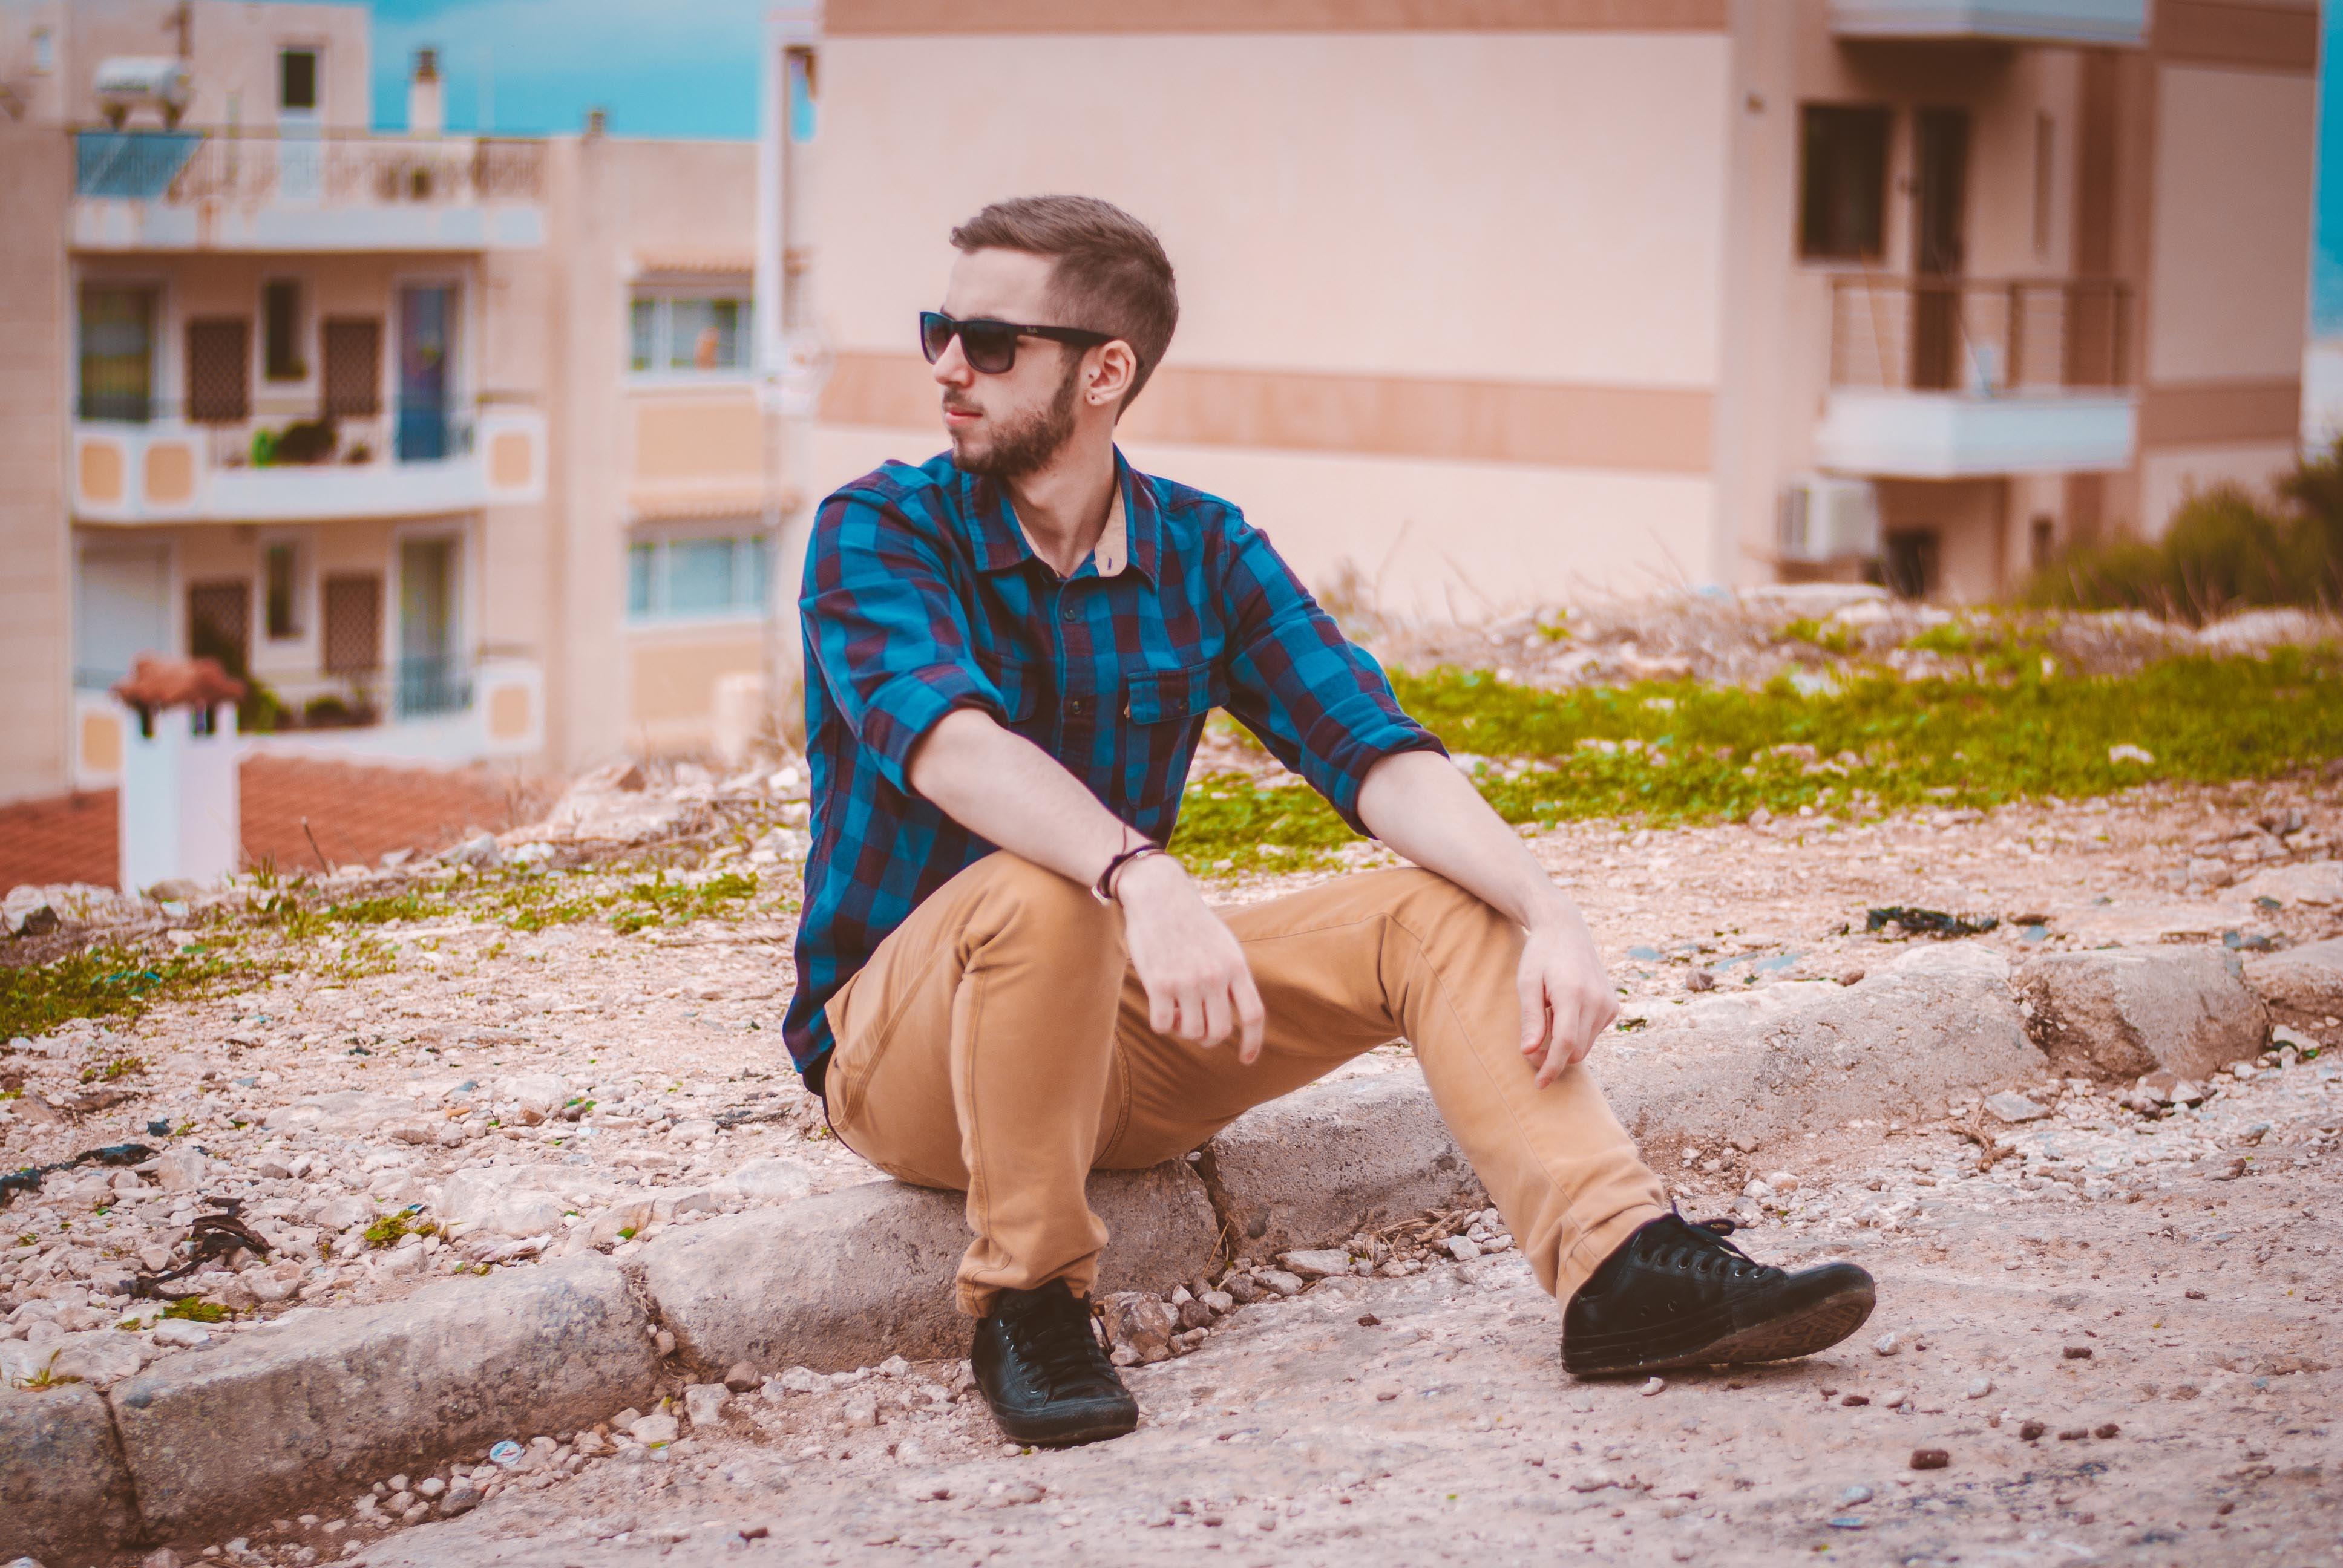 Go to Theo Thomaidis's profile